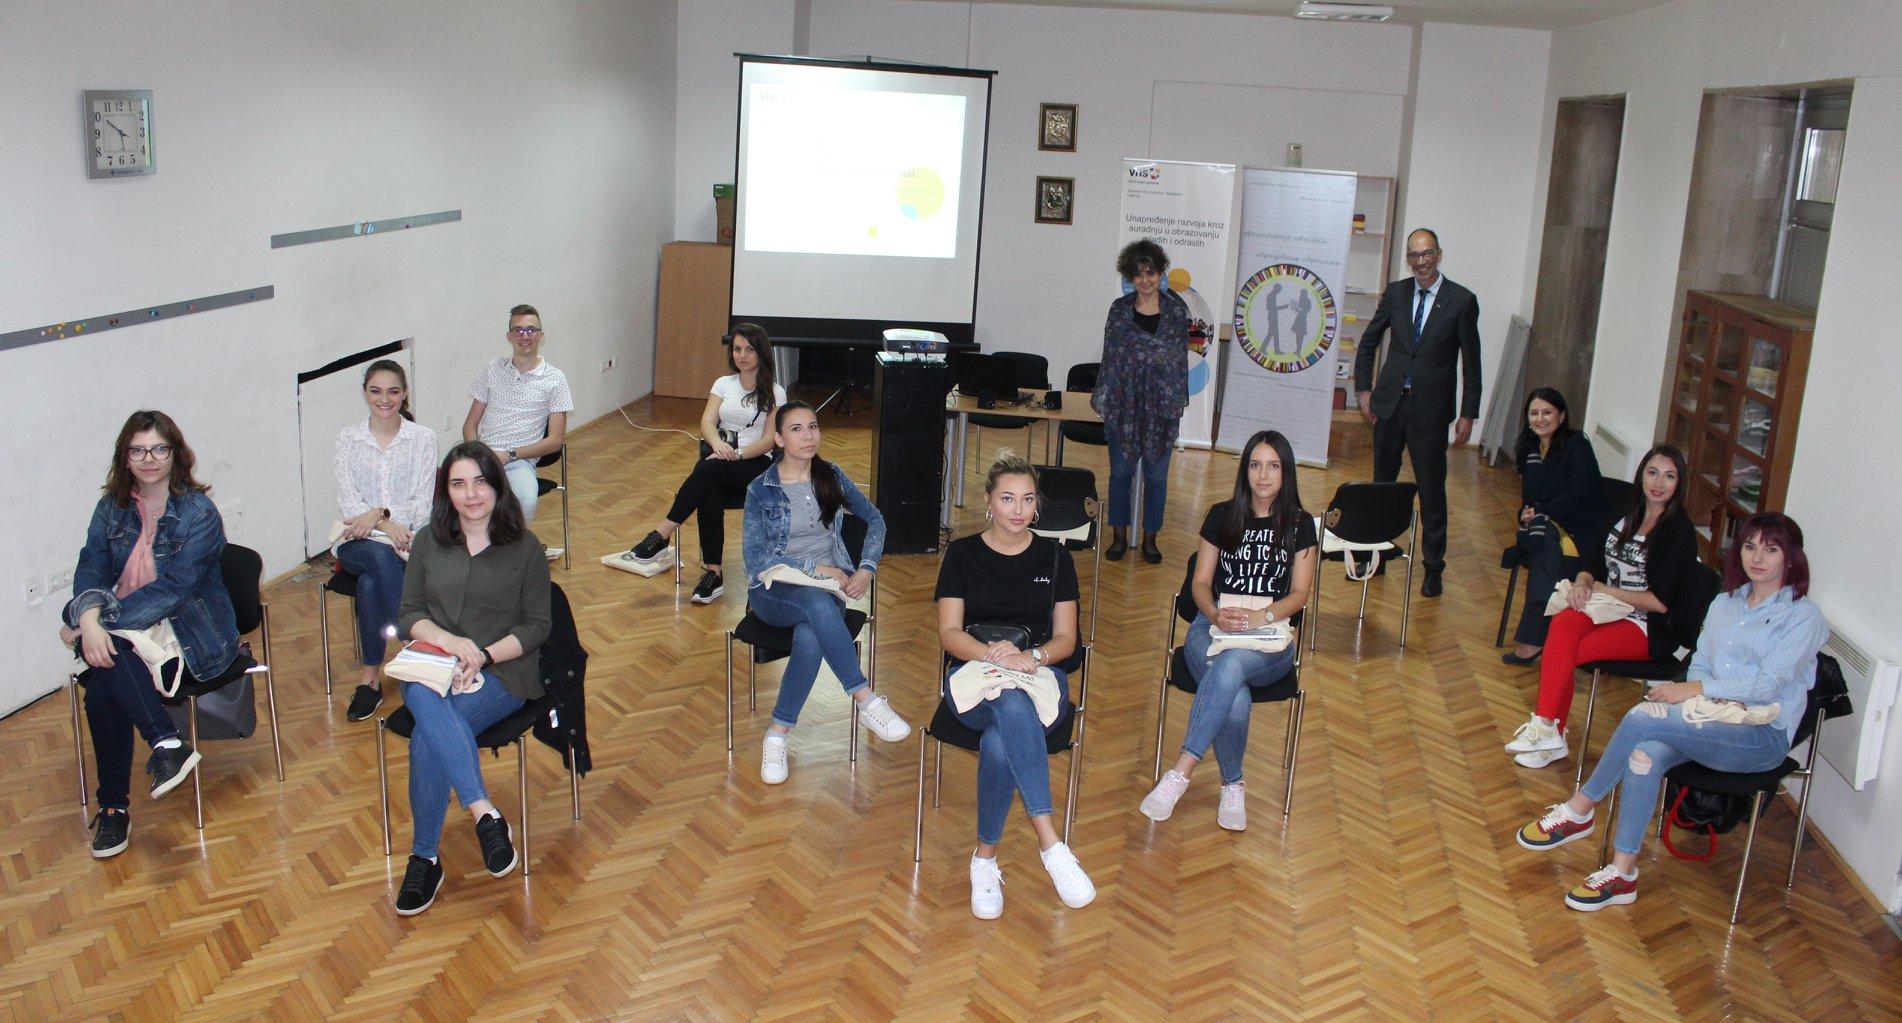 U Centru za cjeloživotno učenje u prostorijama JU BKC KS održao predavanje za studente, te predstavljena misija i aktivnosti DVV Internationala u Bosni i Hercegovini.